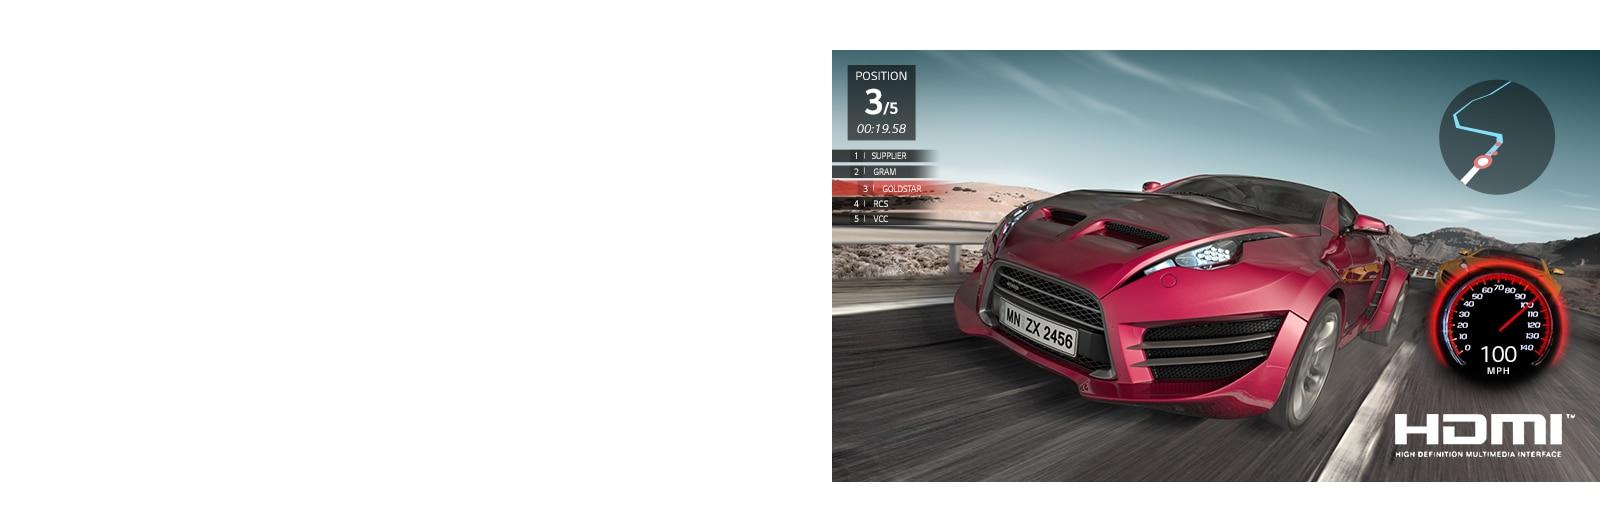 סצנה ממשחק מרוץ מכוניות. מבט תקריב על מכונית אדומה שמדורגת במקום השלישי.